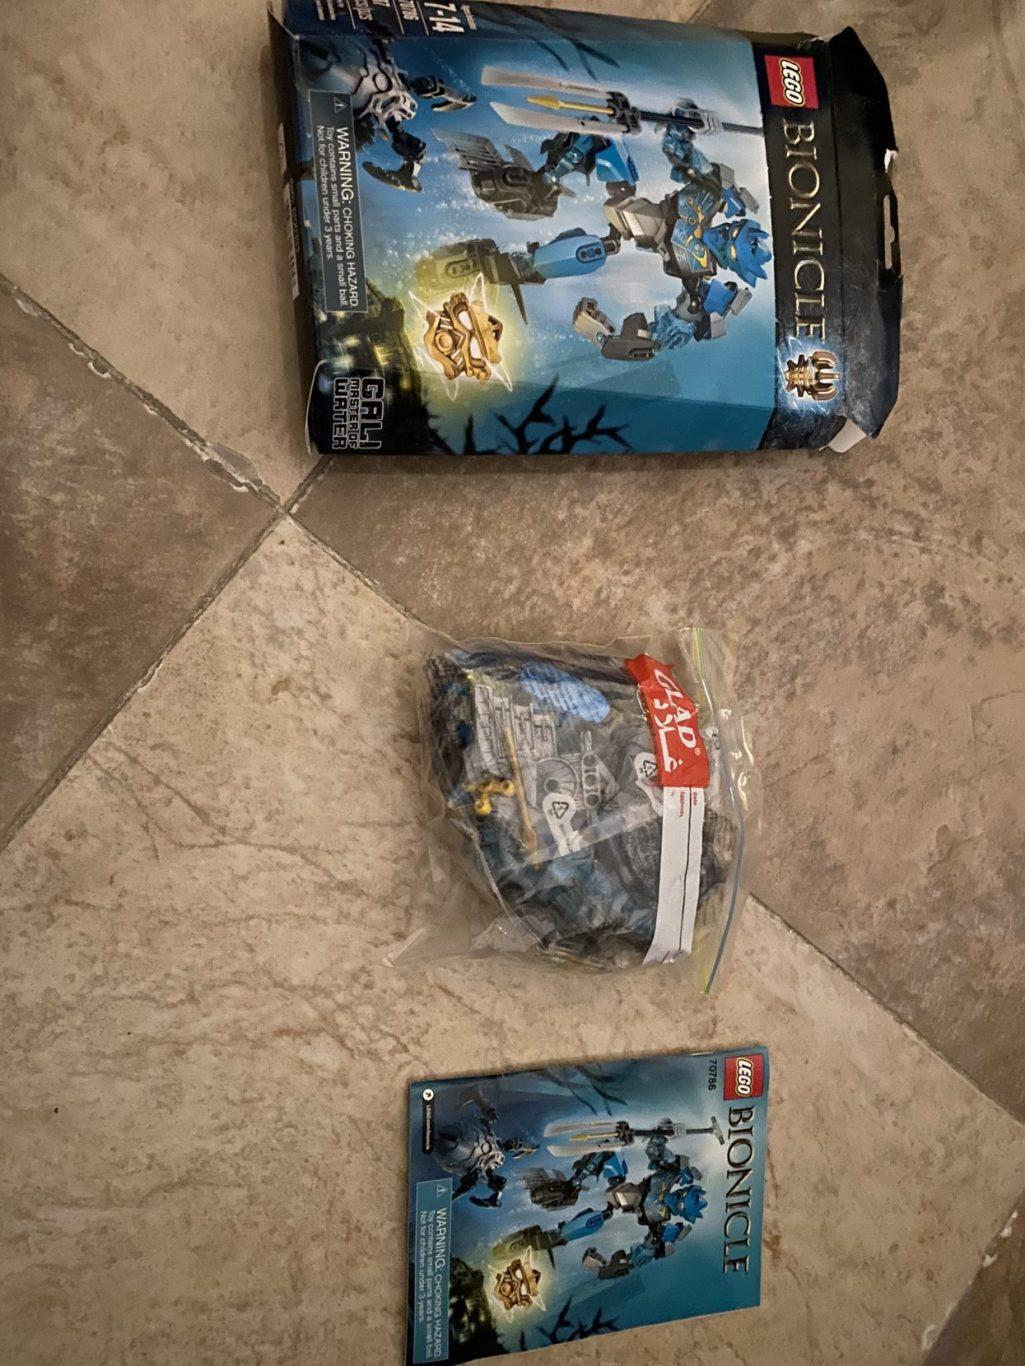 A bionicle lego set